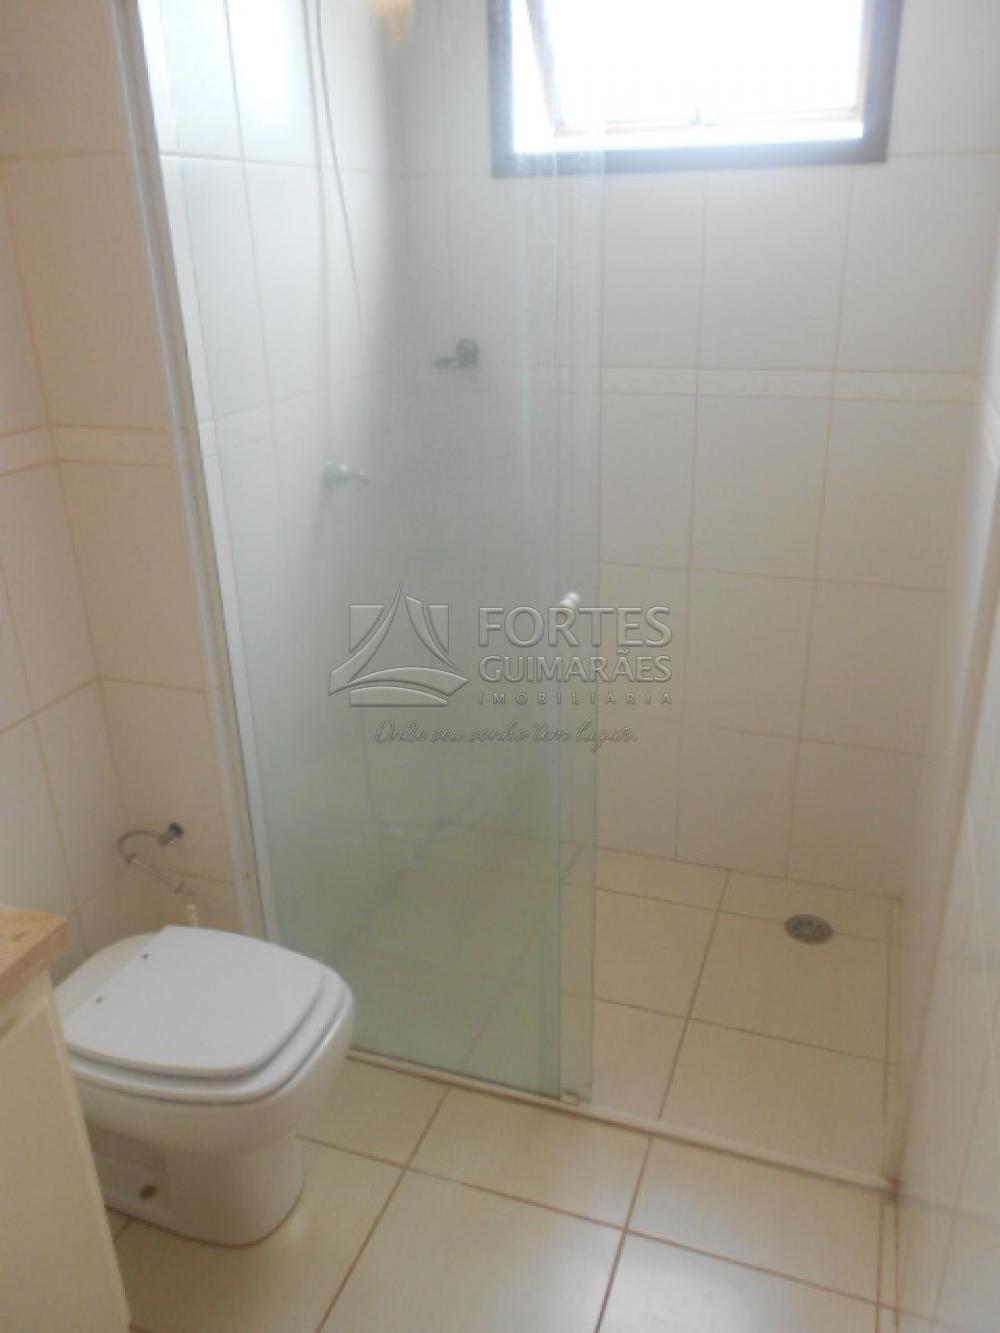 Alugar Apartamentos / Padrão em Ribeirão Preto apenas R$ 1.300,00 - Foto 33